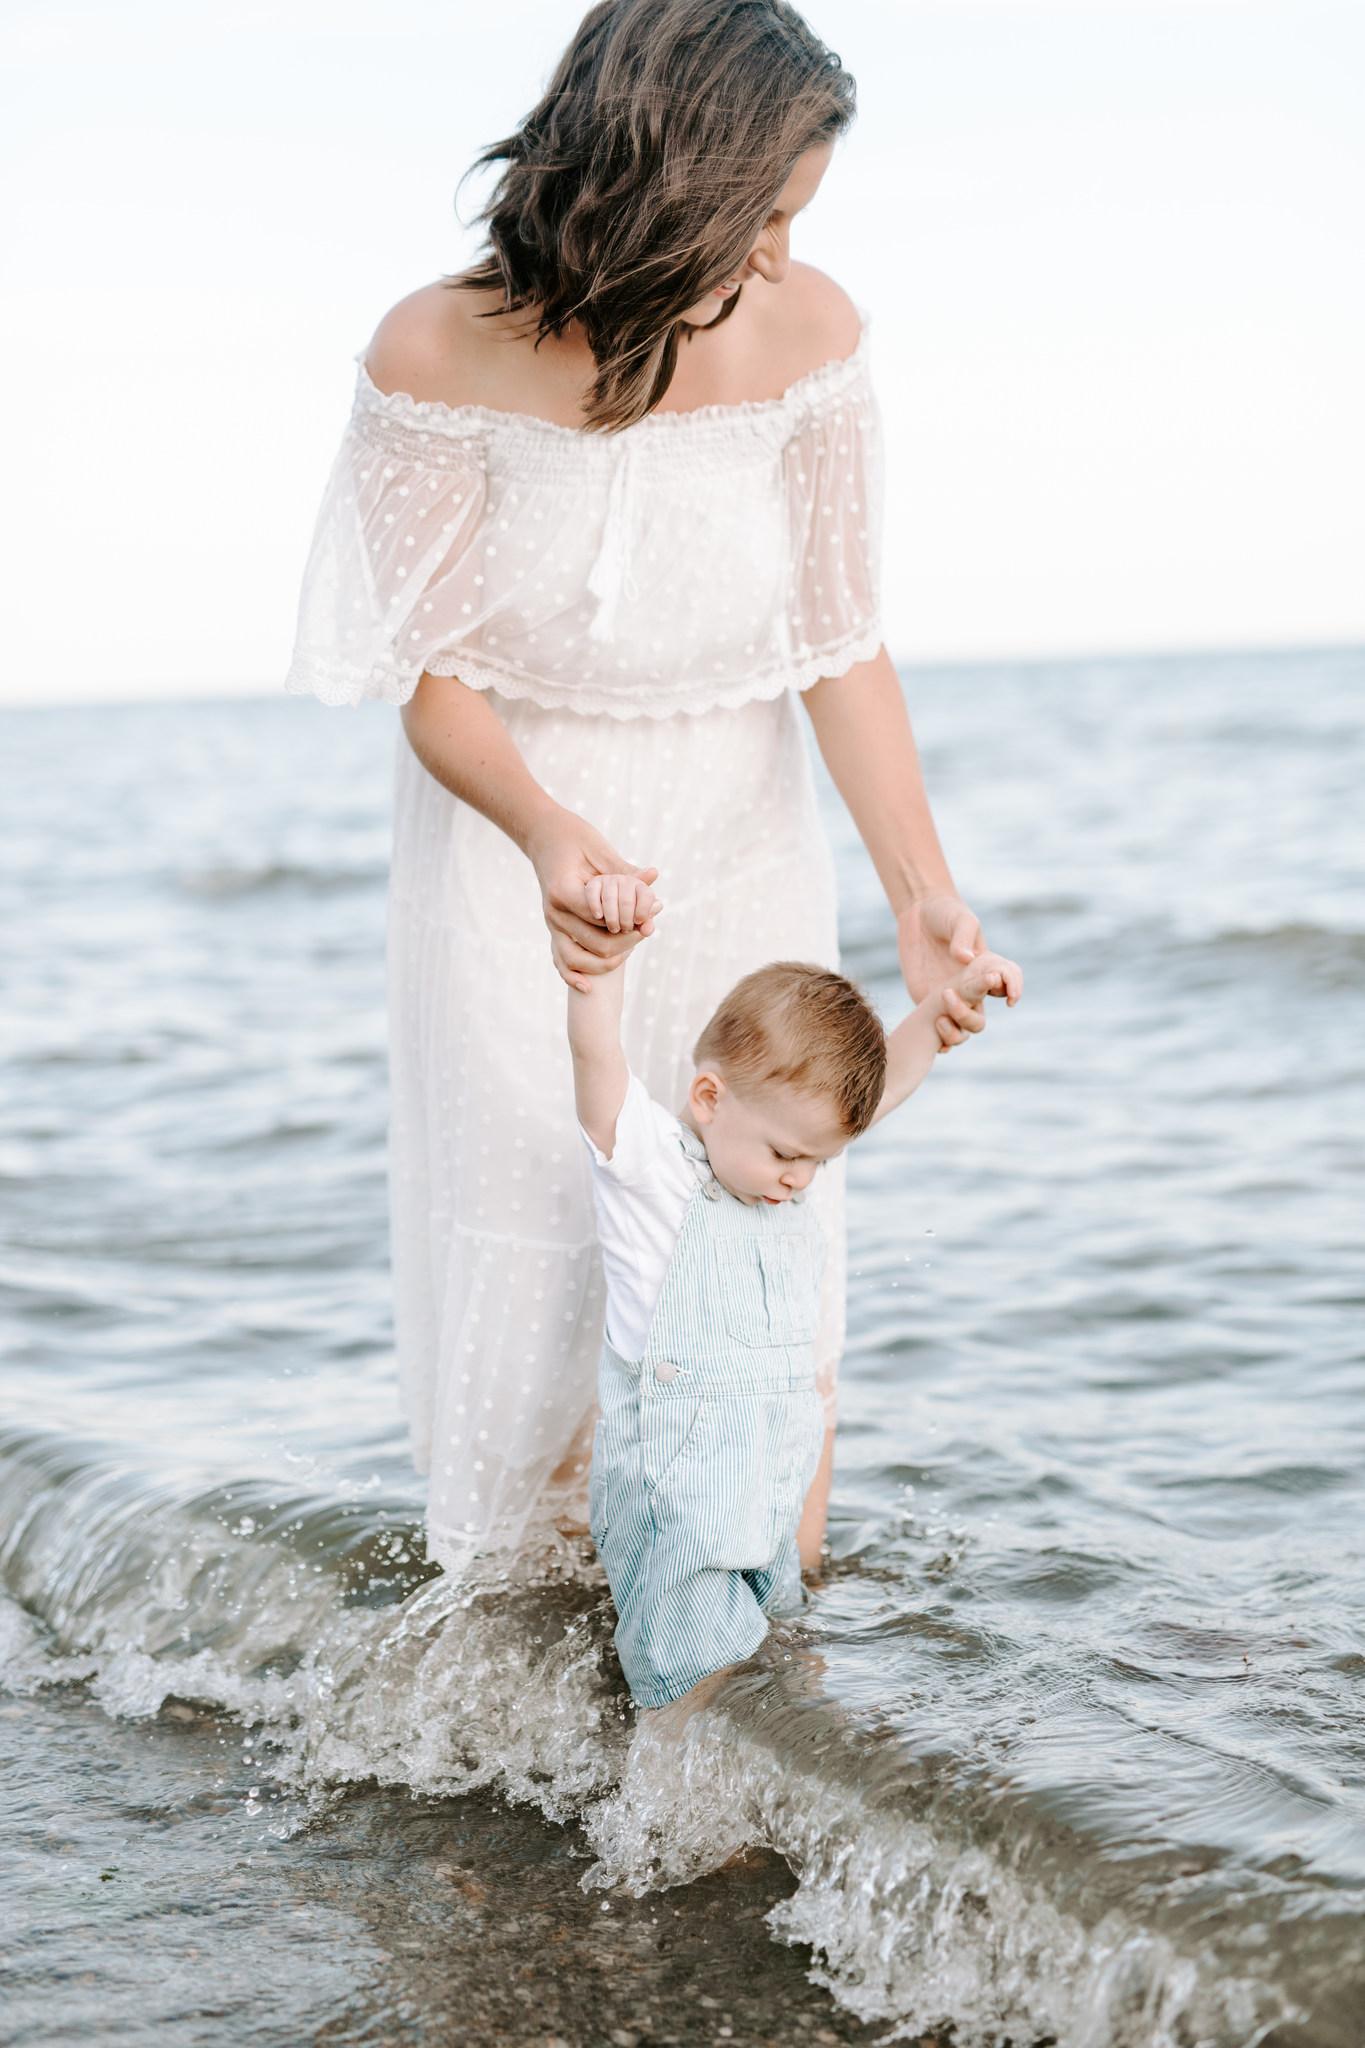 CT family photographer_CT beach photos_family photographer fairfield county-10.jpg